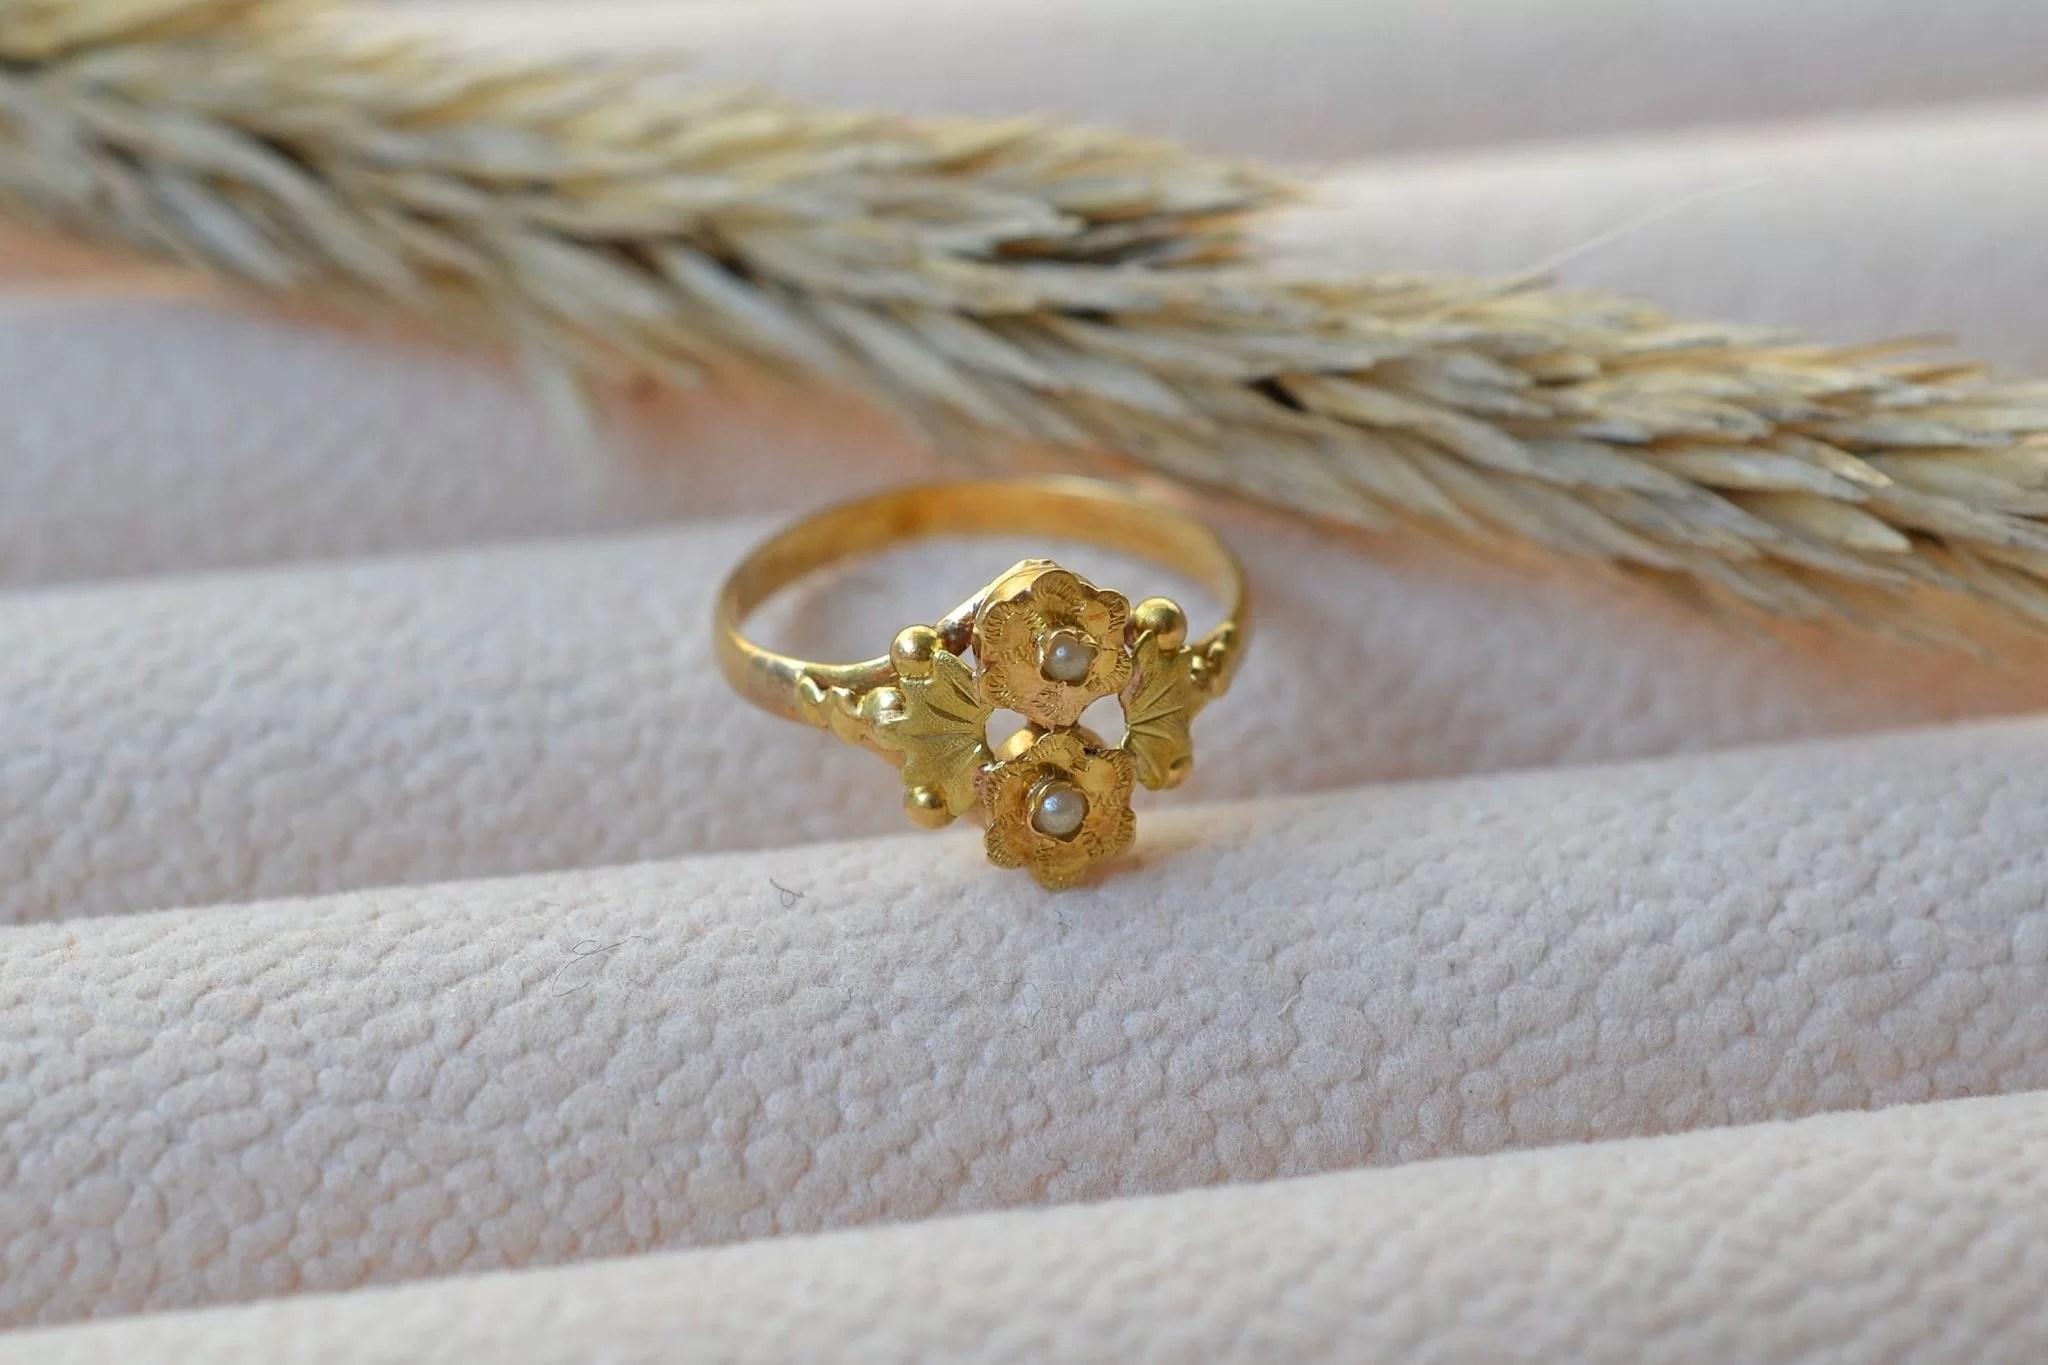 Bague ancienne en Or jaune à motifs de fleurs serties de petites perles - bague rétro